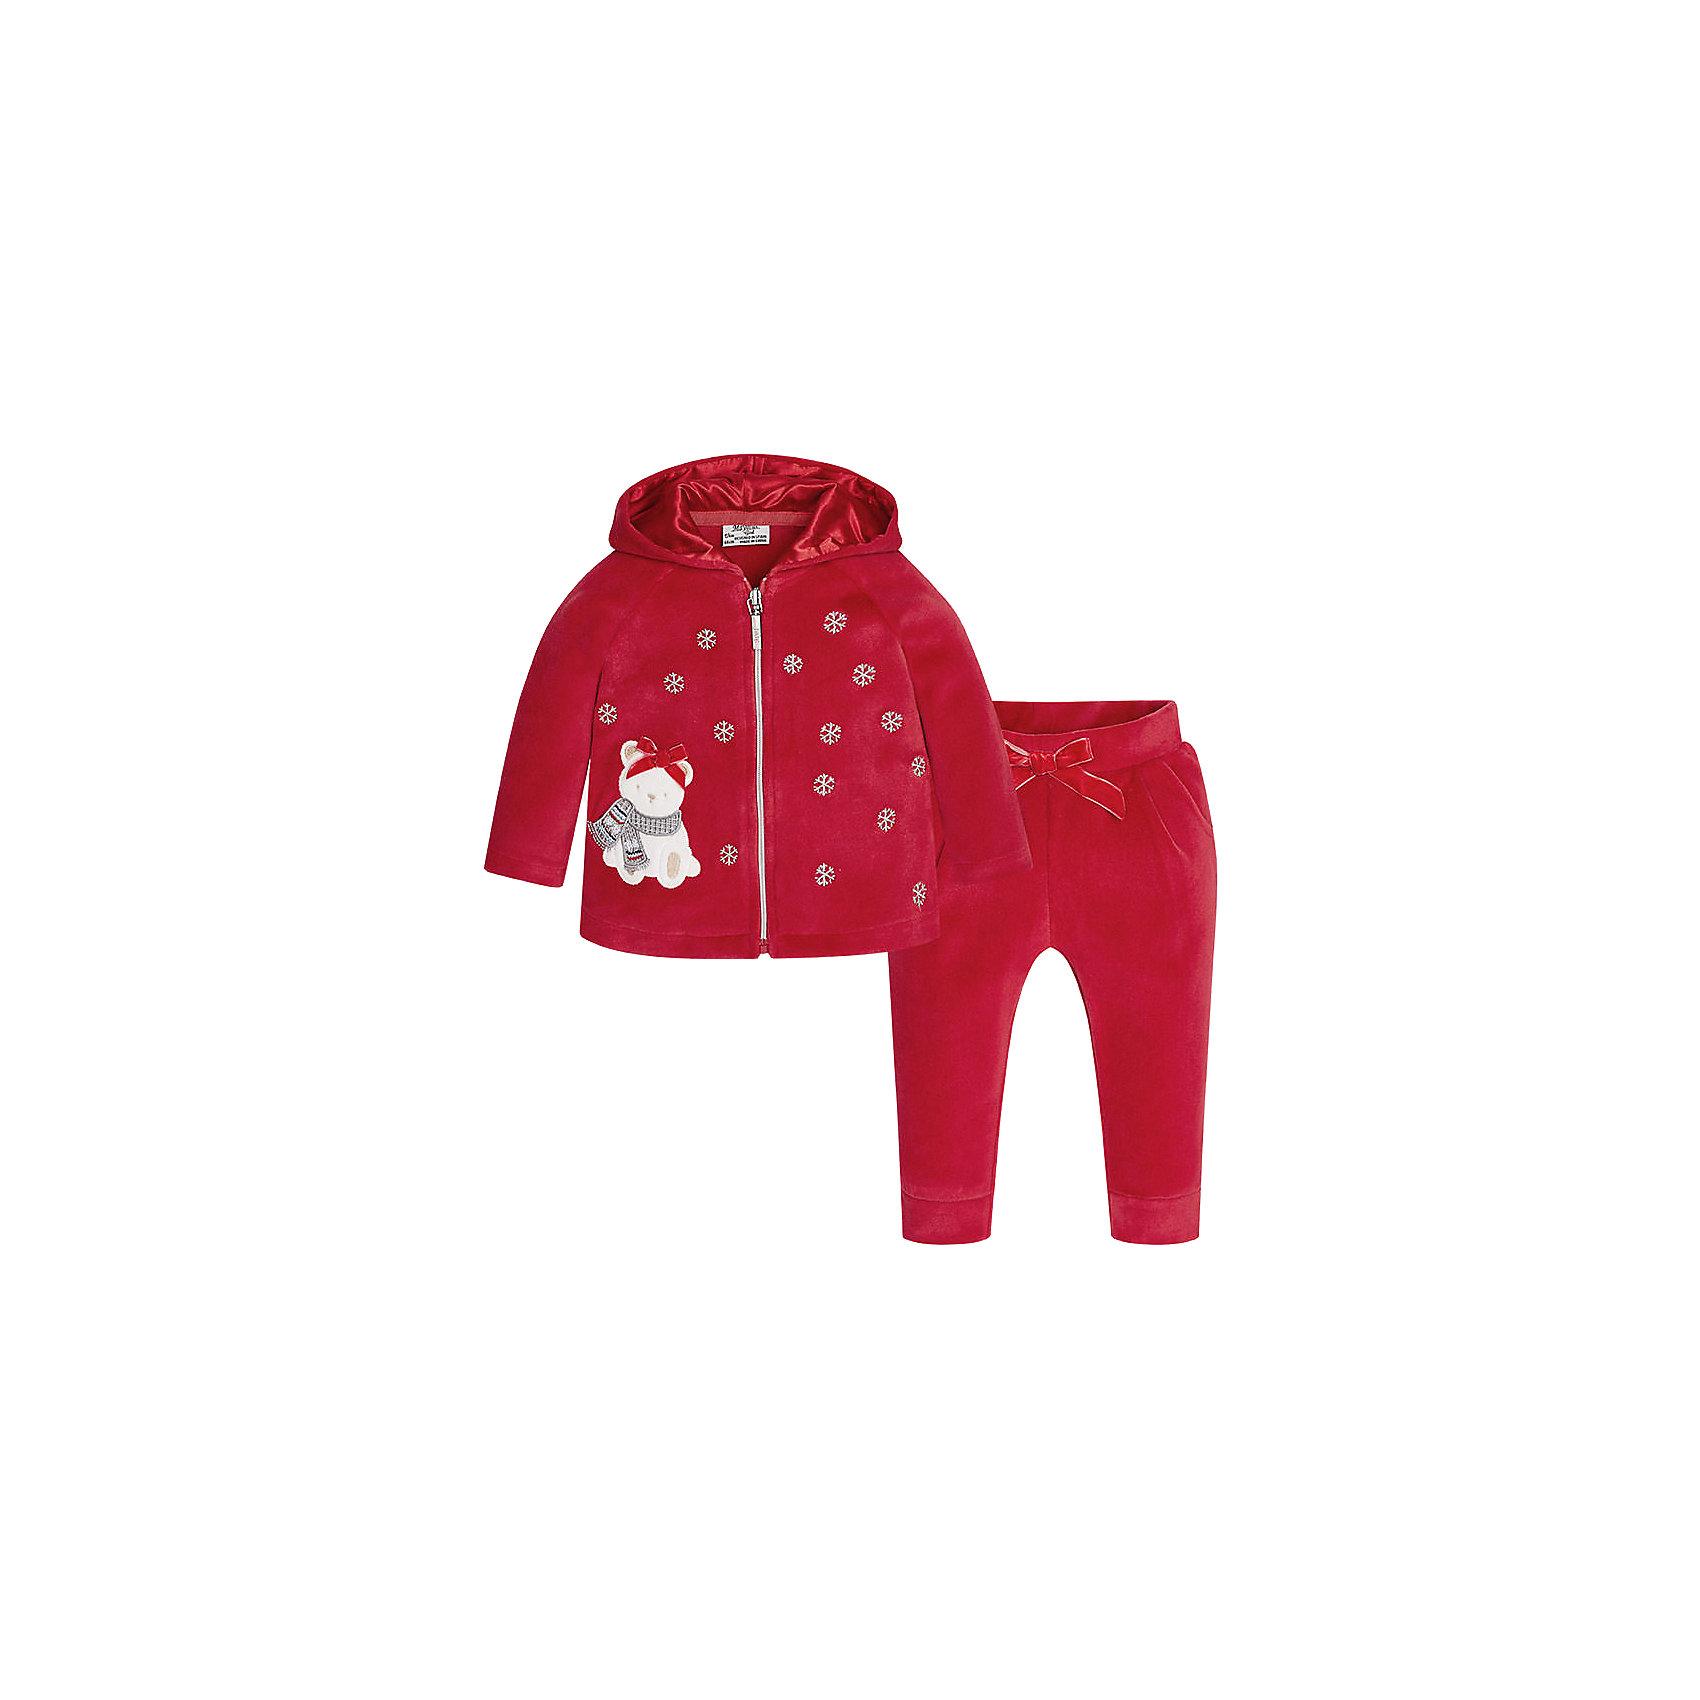 Спортивный костюм для девочки MayoralКомплекты<br>Оригинальный спортивный костюм для самых стильных девчонок! Костюм состоит из толстовки, оформленной вышивкой и аппликацией и брюк на эластичном поясе с кокетливым бантиком. Уютный, красивый и практичный костюм Mayoral - прекрасный вариант для повседневной носки и активного отдыха!<br><br>Дополнительная информация:<br><br>- Мягкая, приятная на ощупь ткань.<br>- Комплектация: толстовка, брюки.<br>- Толстовка с капюшоном на подкладке. <br>- Застегивается на молнию.<br>- Вышивка в виде снежинок.<br>- Нежная аппликация. <br>- Брюки на эластичном поясе.<br>- Манжеты на брючинах. <br>- Кокетливый бантик на поясе. <br>Состав: <br>- 80% хлопок, 20% полиэстер. <br><br>Спортивный костюм для девочки Mayoral (Майорал), красный, можно купить в нашем магазине.<br><br>Ширина мм: 247<br>Глубина мм: 16<br>Высота мм: 140<br>Вес г: 225<br>Цвет: красный<br>Возраст от месяцев: 6<br>Возраст до месяцев: 9<br>Пол: Женский<br>Возраст: Детский<br>Размер: 74,92,80,86<br>SKU: 4846228